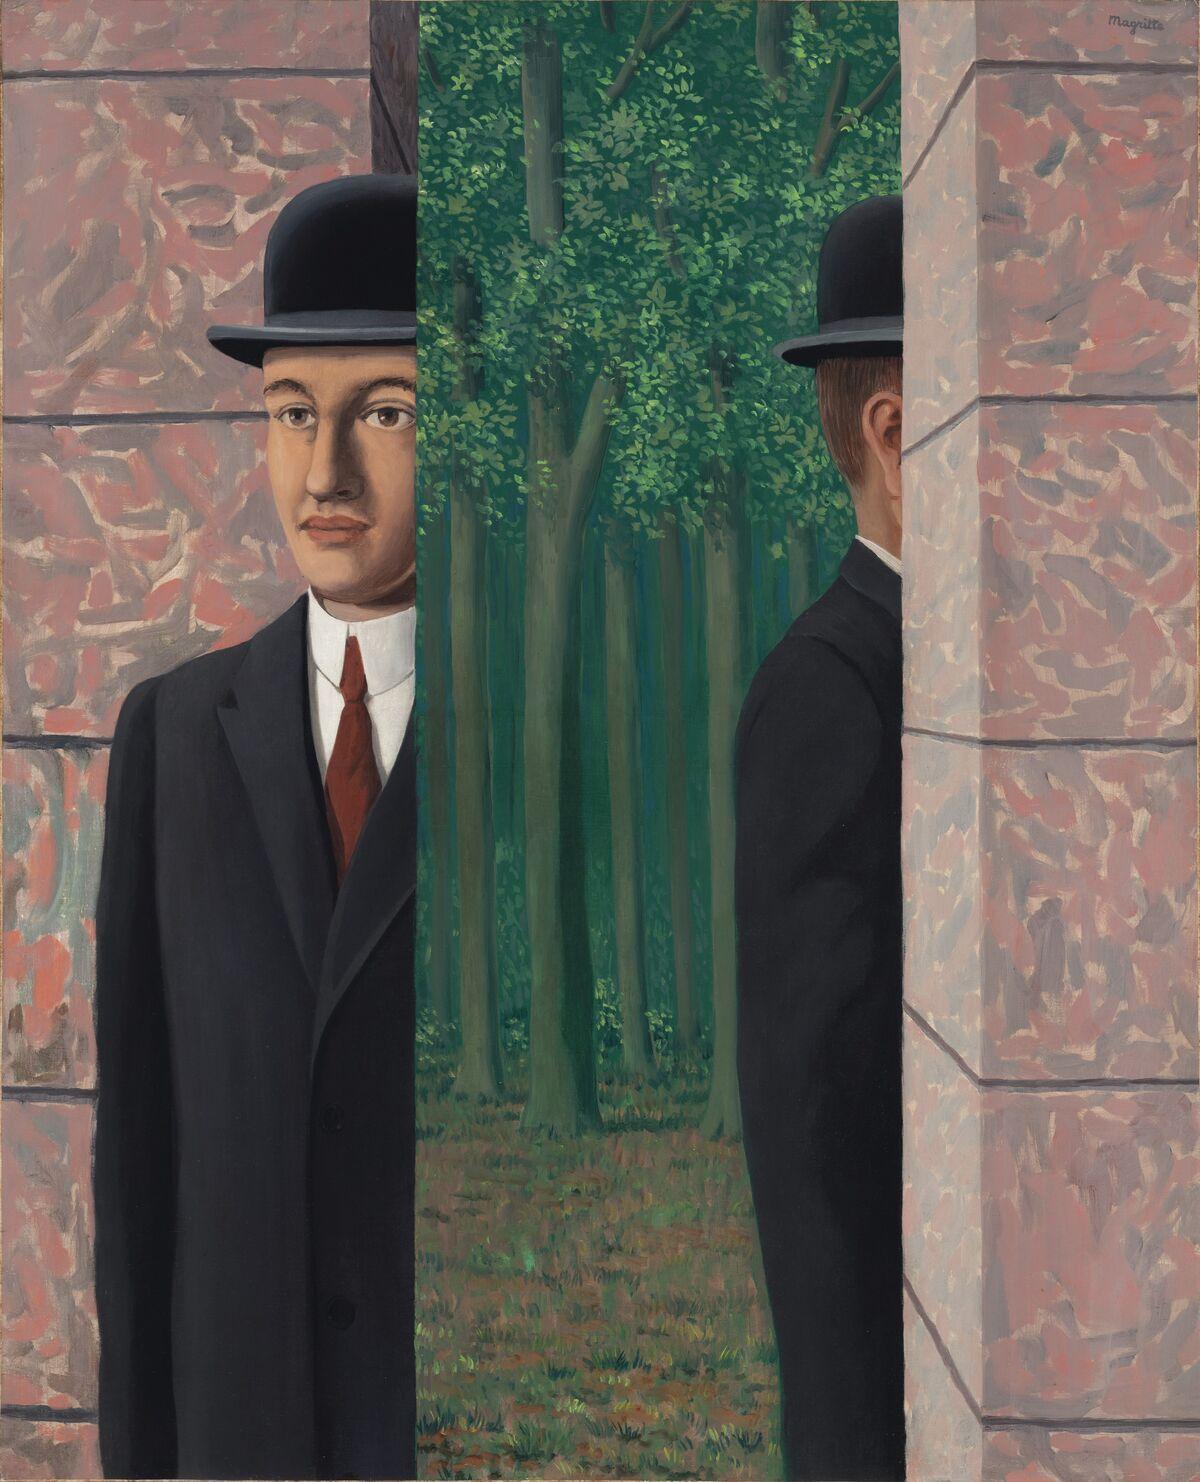 René Magritte, Le Lieu commun,  1964. Courtesy of Christie's Images Ltd. 2019.